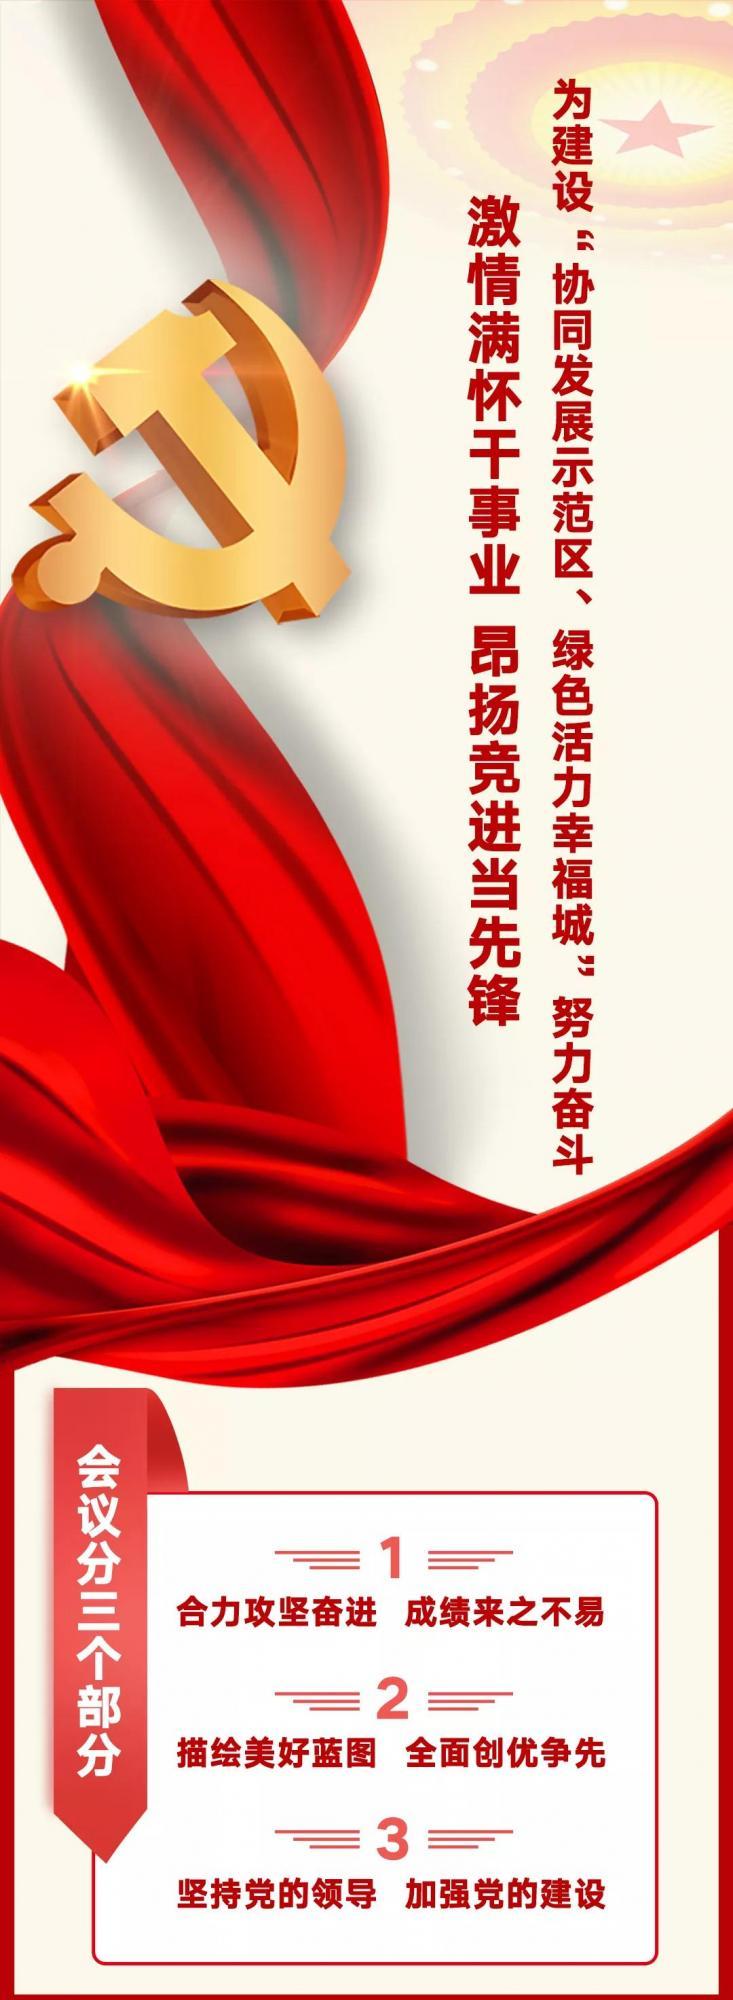 划重点!一图读懂香河县第十二次党代会工作报告